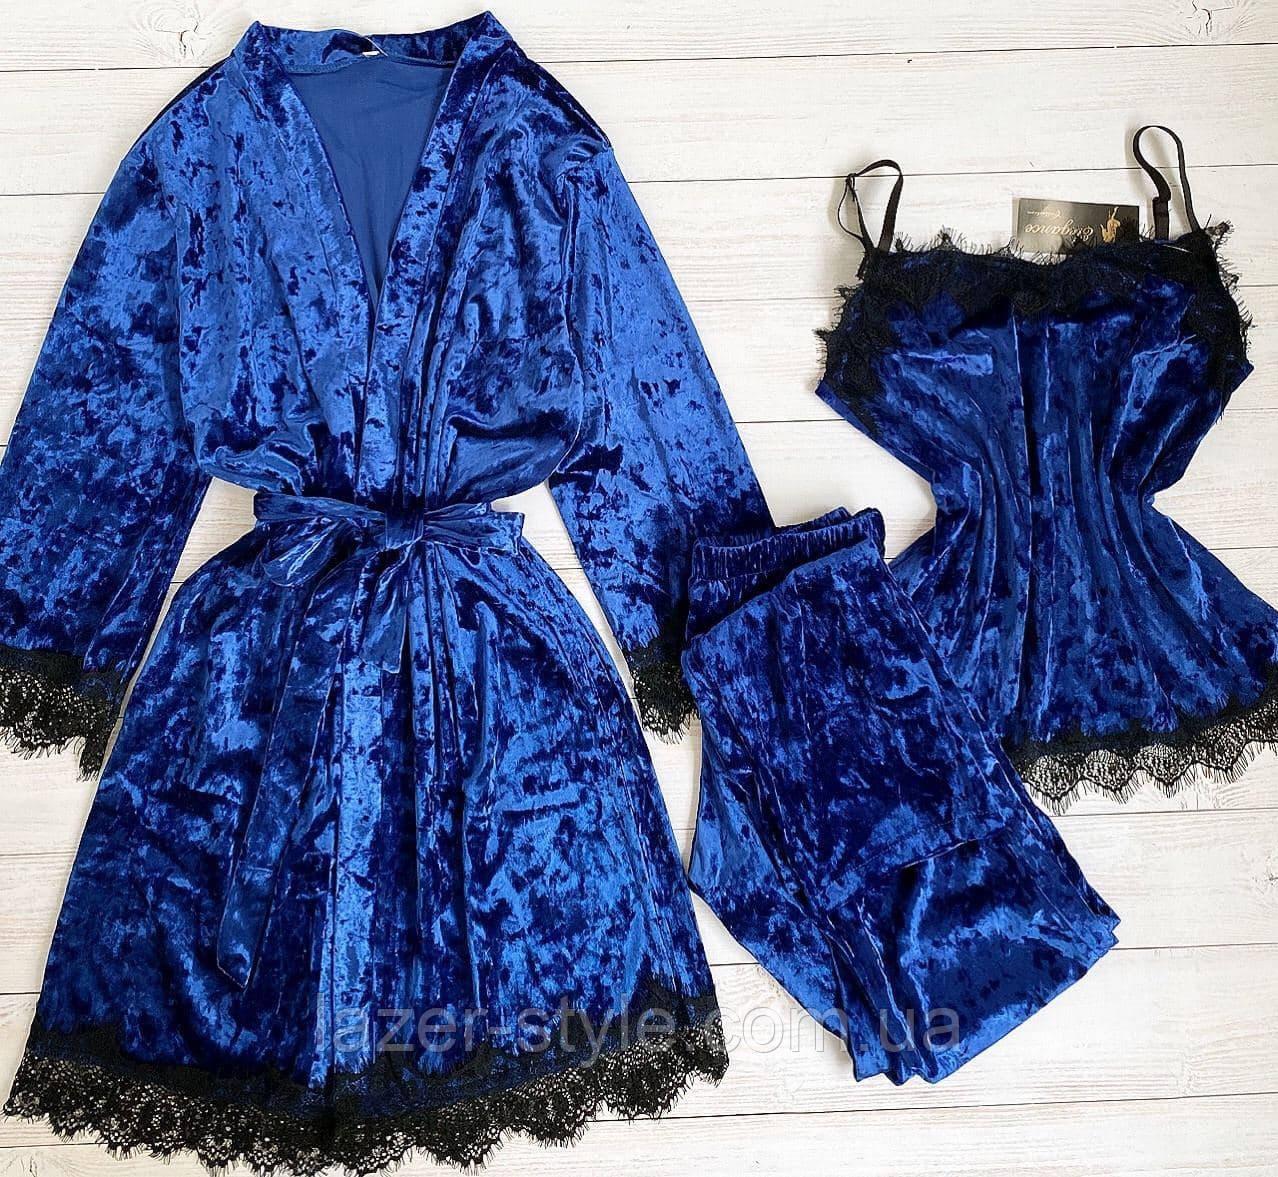 Домашний велюровый комплект синий (майка + штаны + халат) р. L